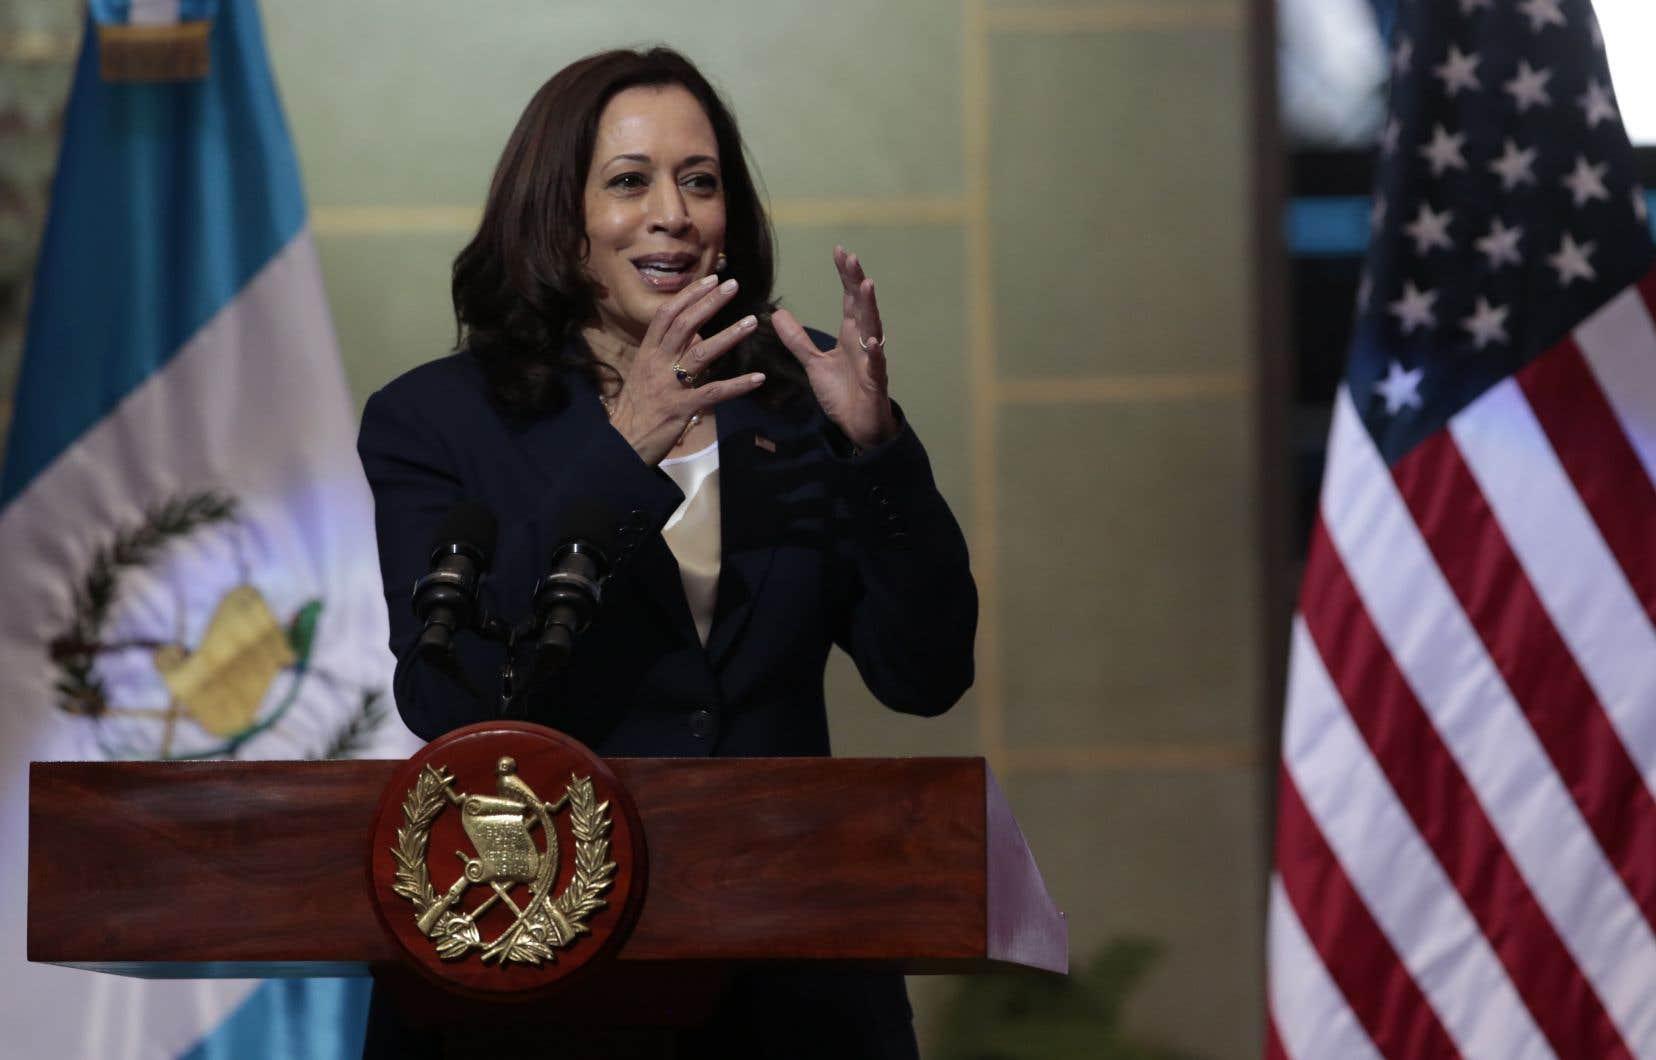 Kamala Harris a adressé un message aux candidats au voyage clandestin: «Ne venez pas. Ne venez pas. Les États-Unis continueront à appliquer leurs lois et à sécuriser leurs frontières… Si vous venez à notre frontière, vous serez refoulés».